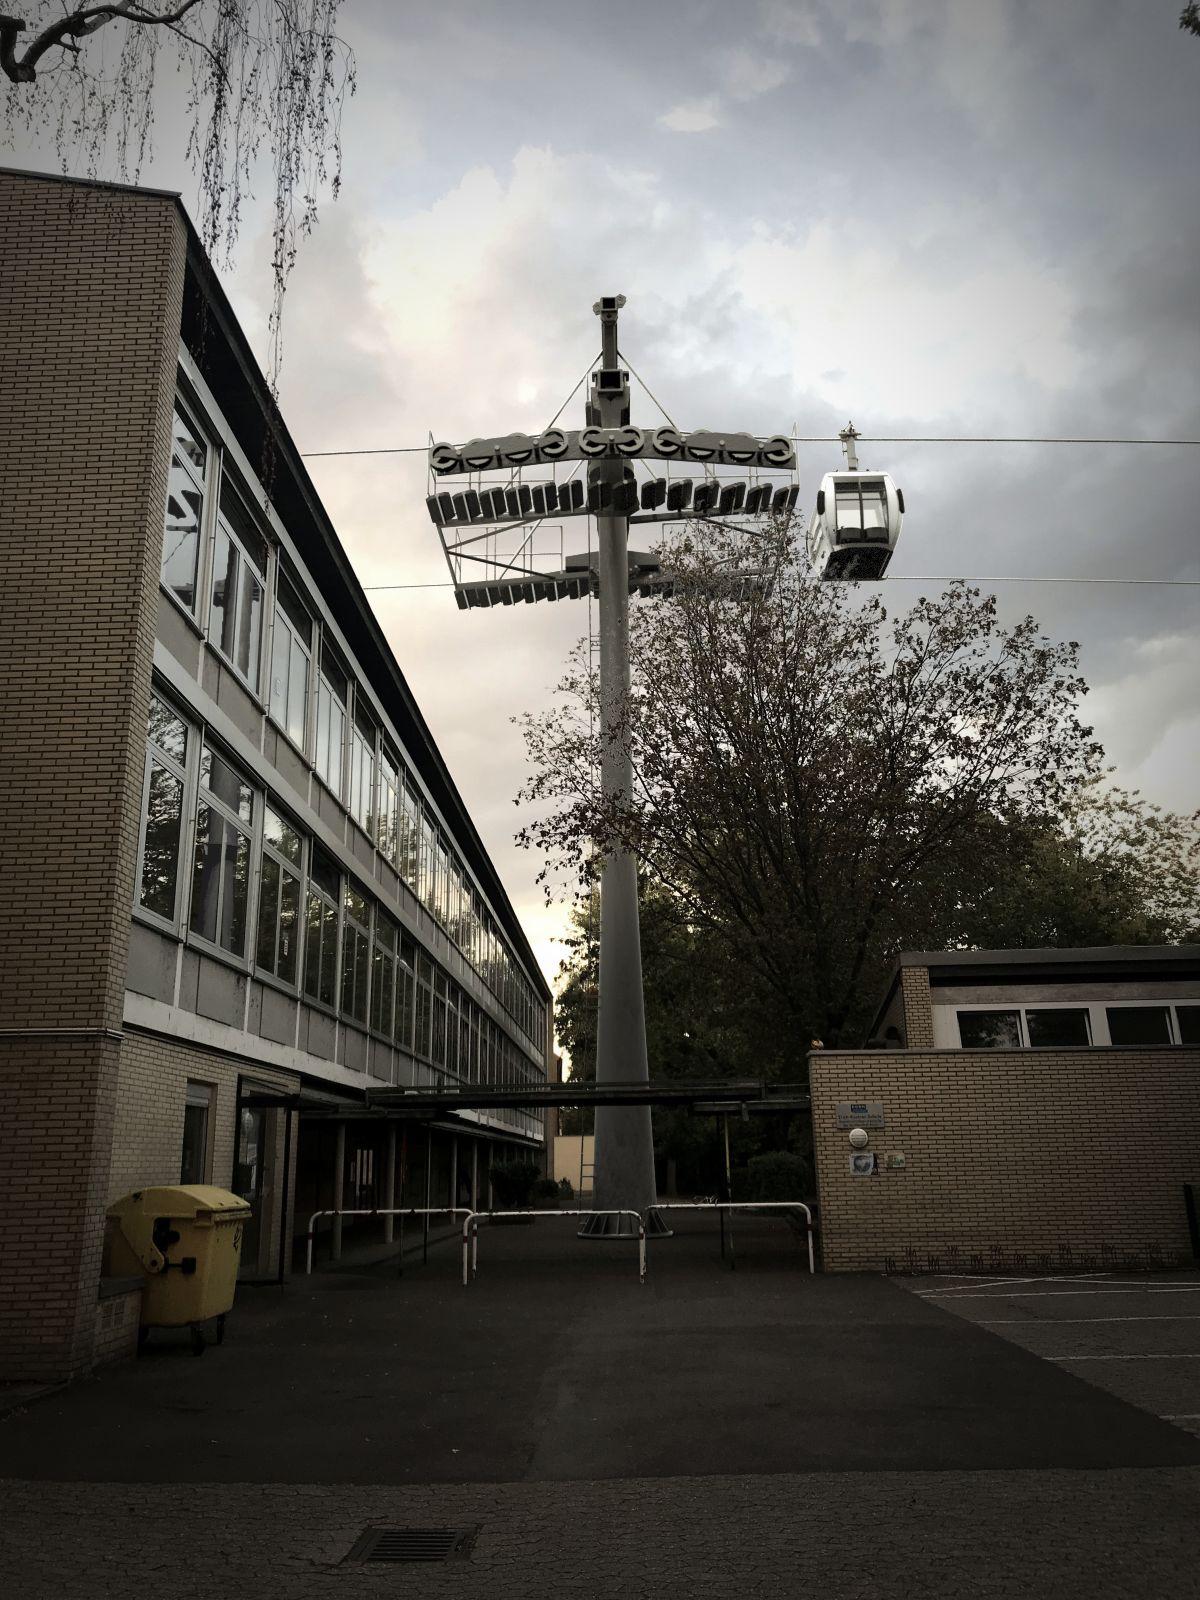 Stütze auf dem Schulhof der Erich-Kästner-Schule.